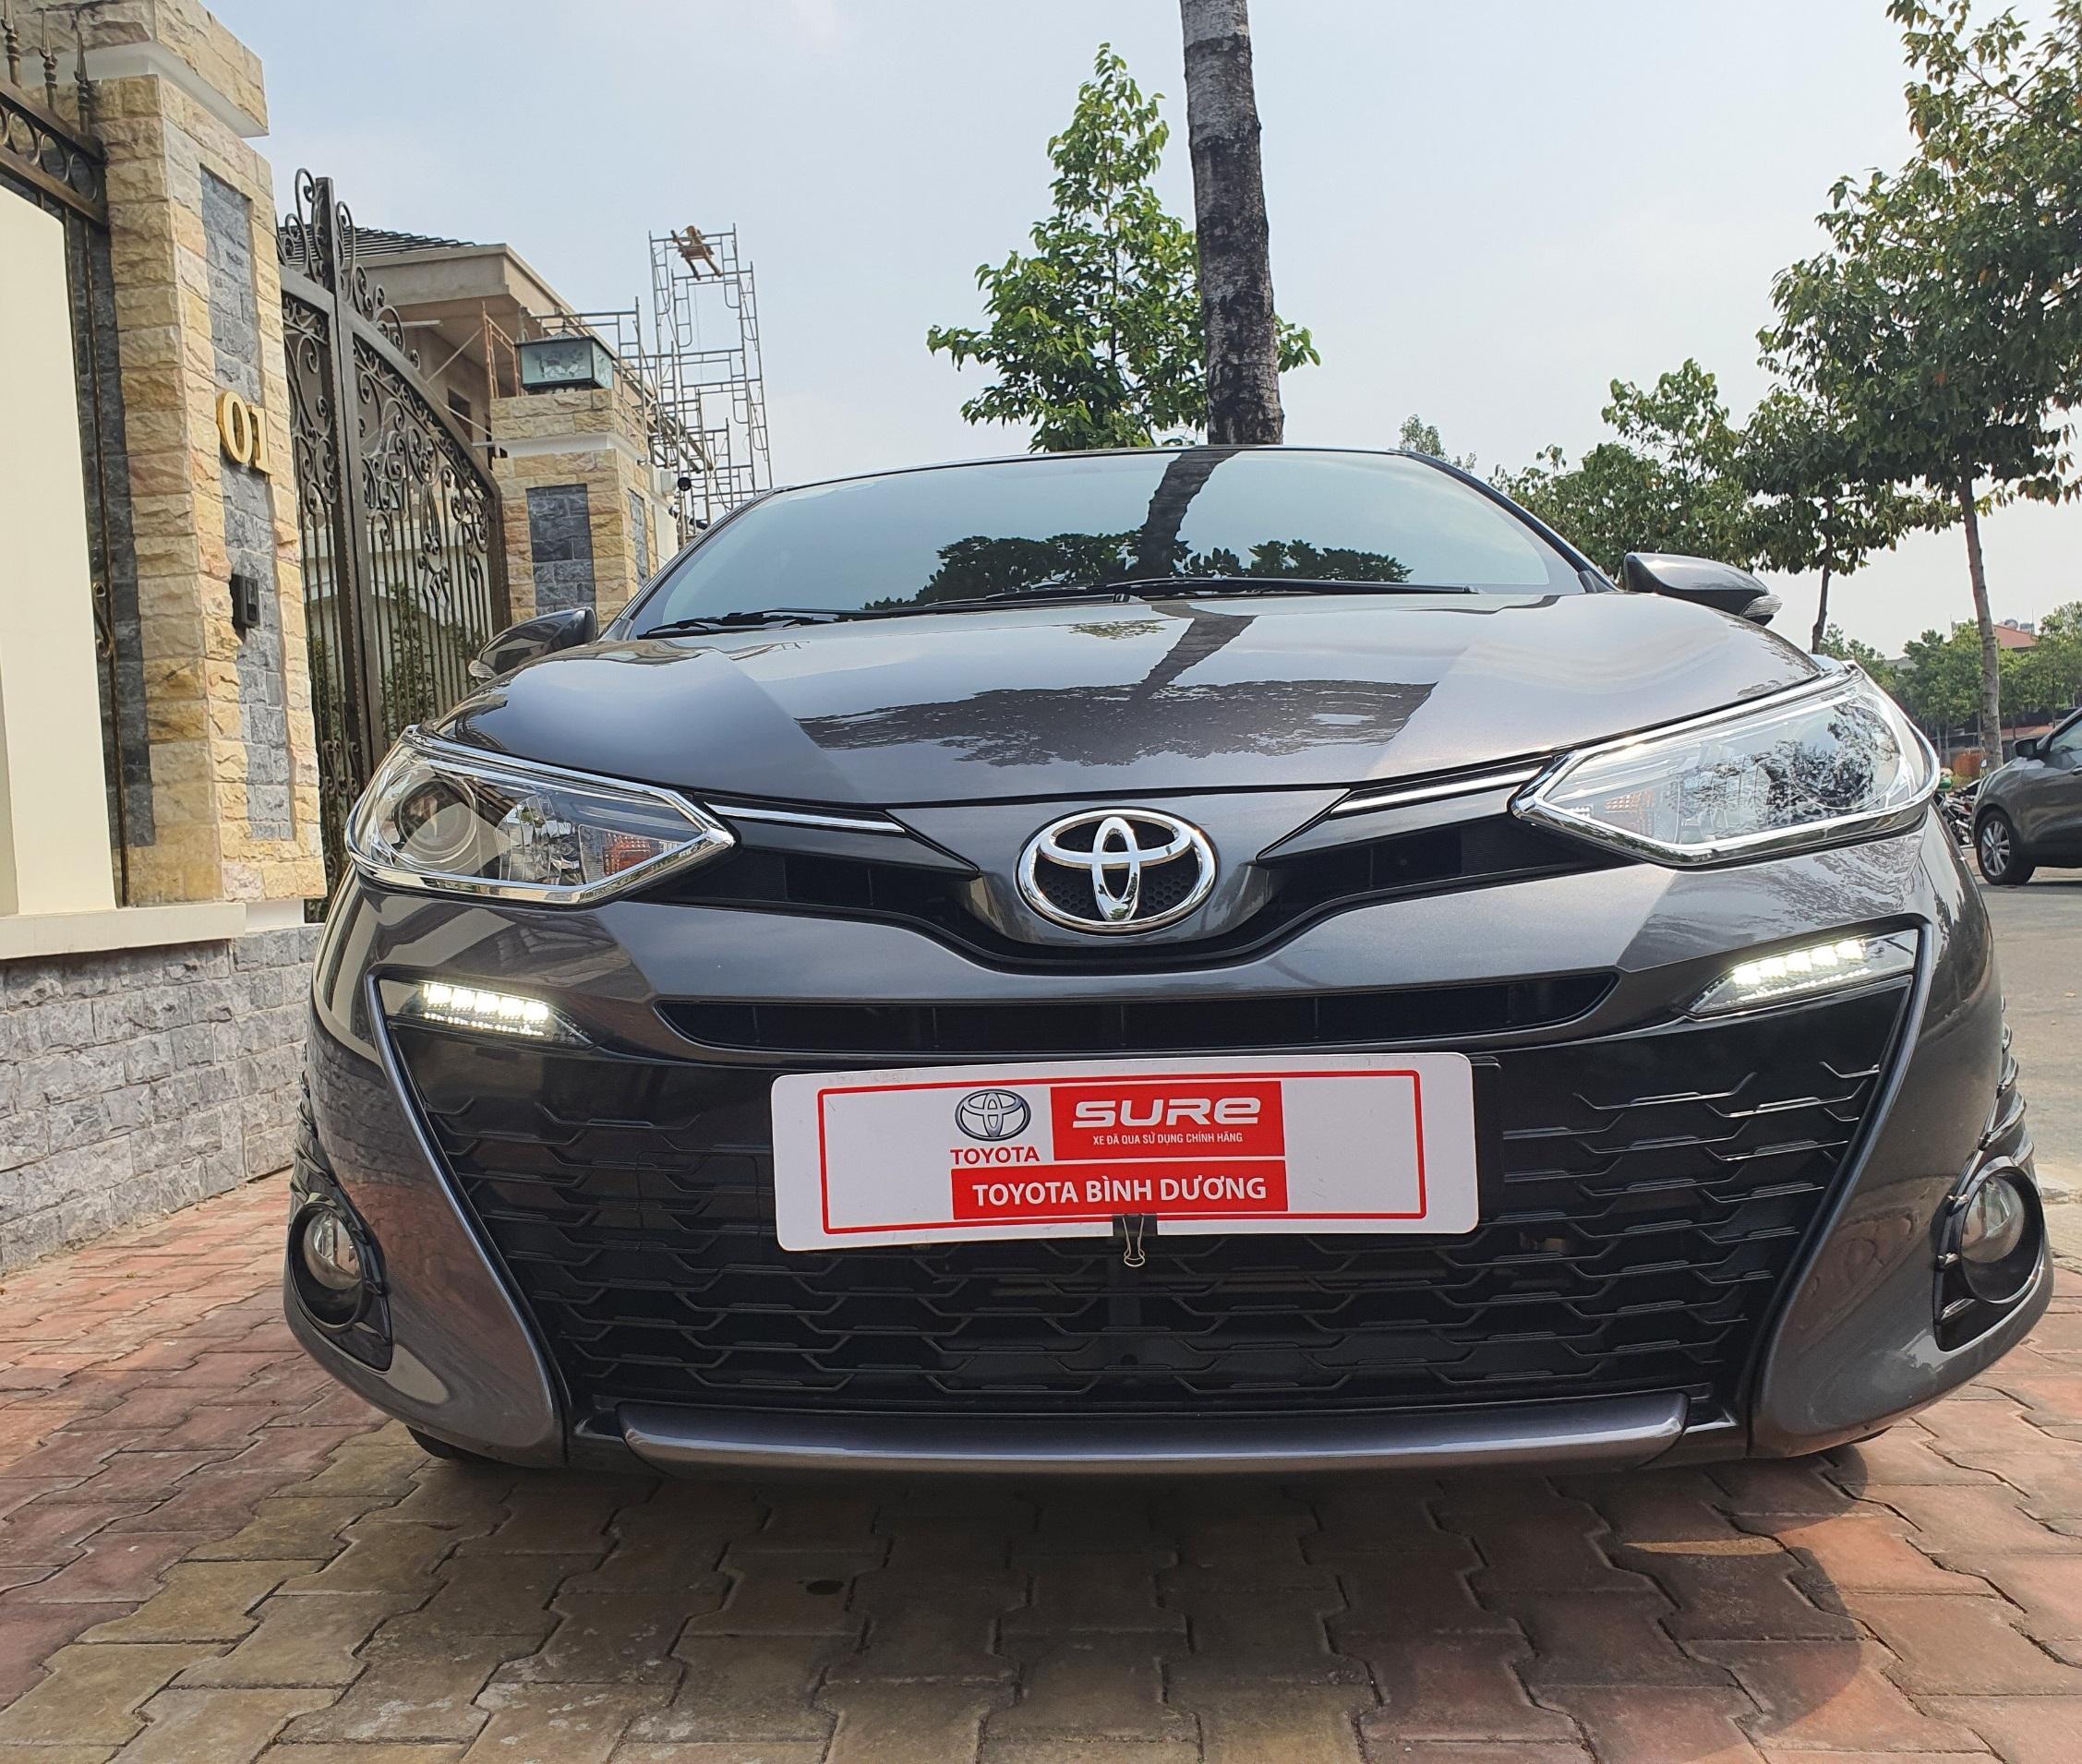 Toyota Yaris 1.5G 2019 - Xe Đẹp Siêu Lướt Đúng 1 Vạn